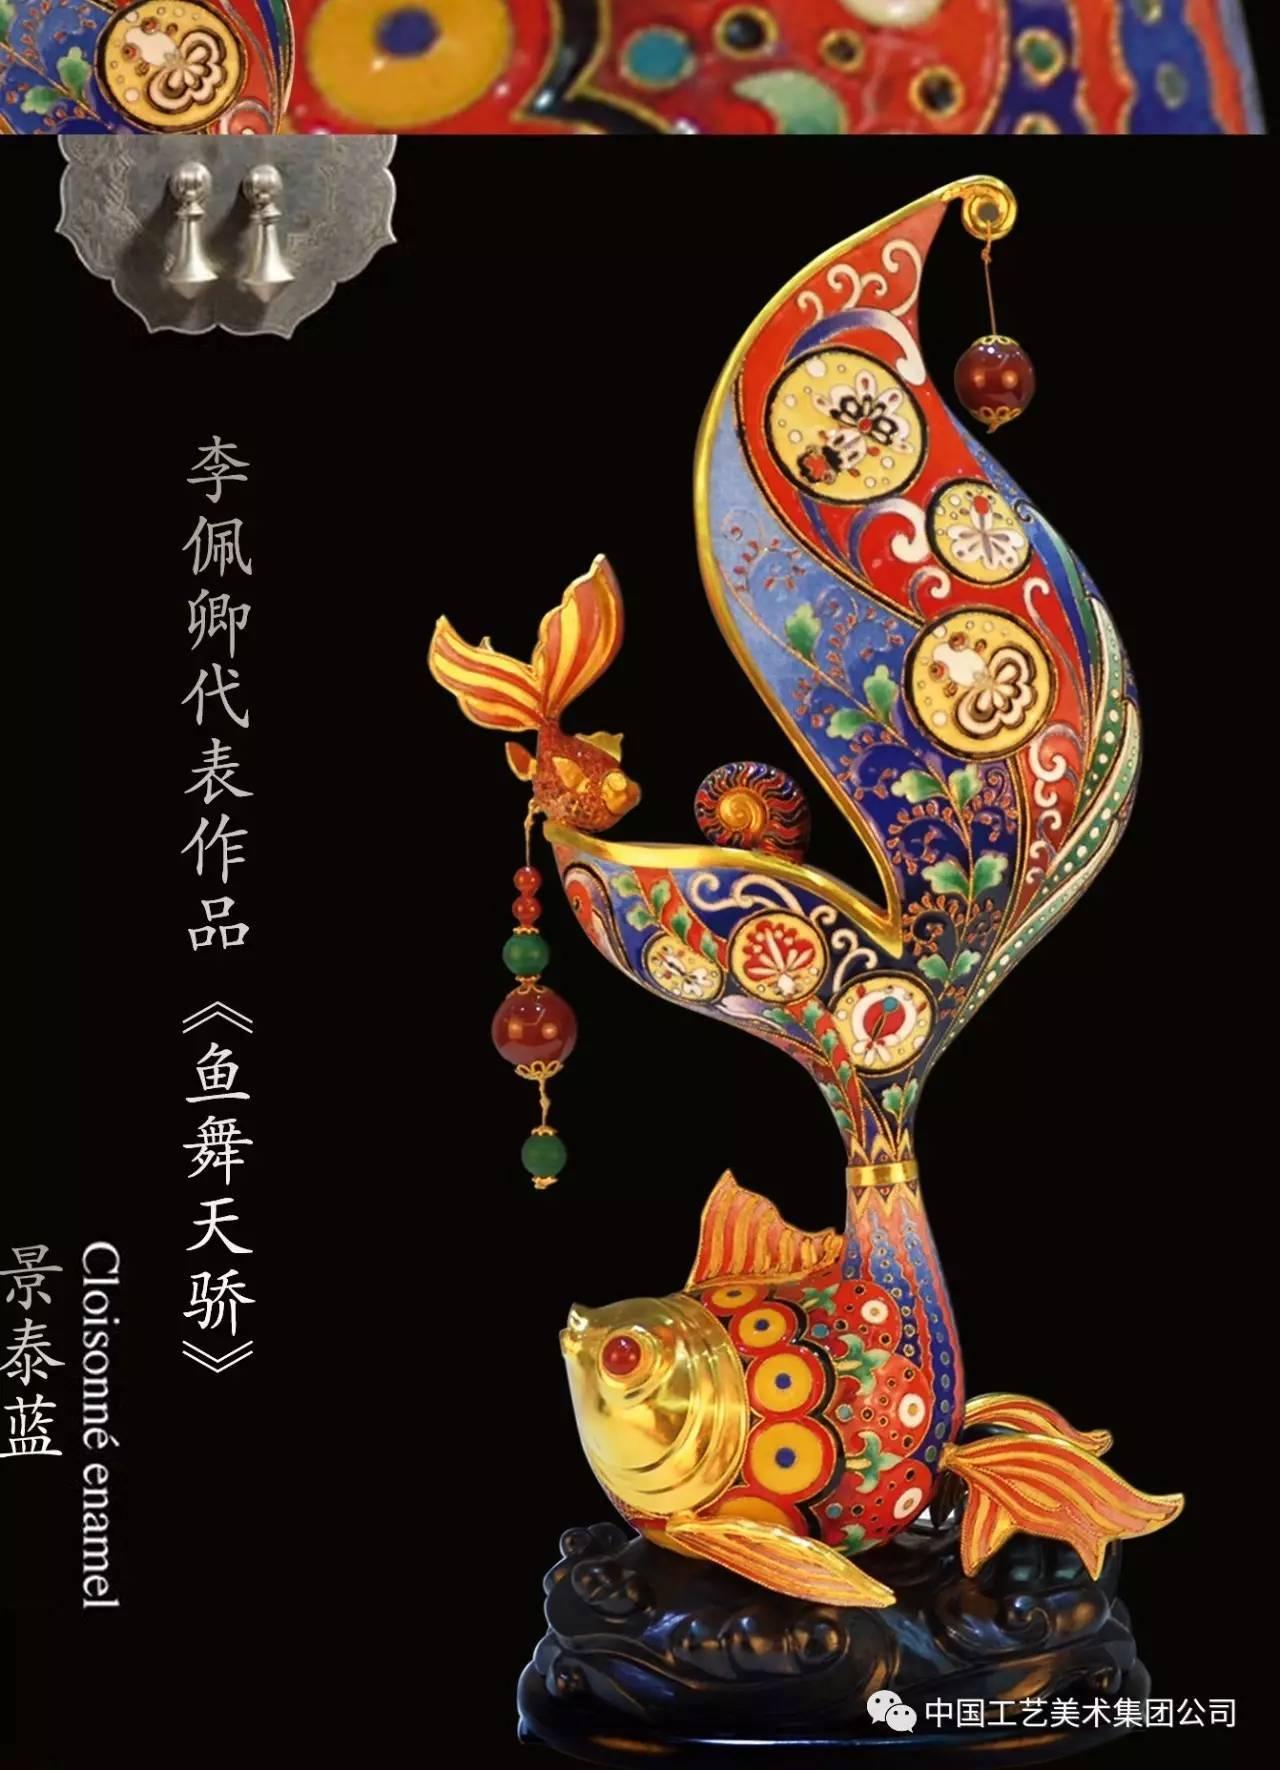 金属艺术委员会会员,北京工艺美术学会会员.图片